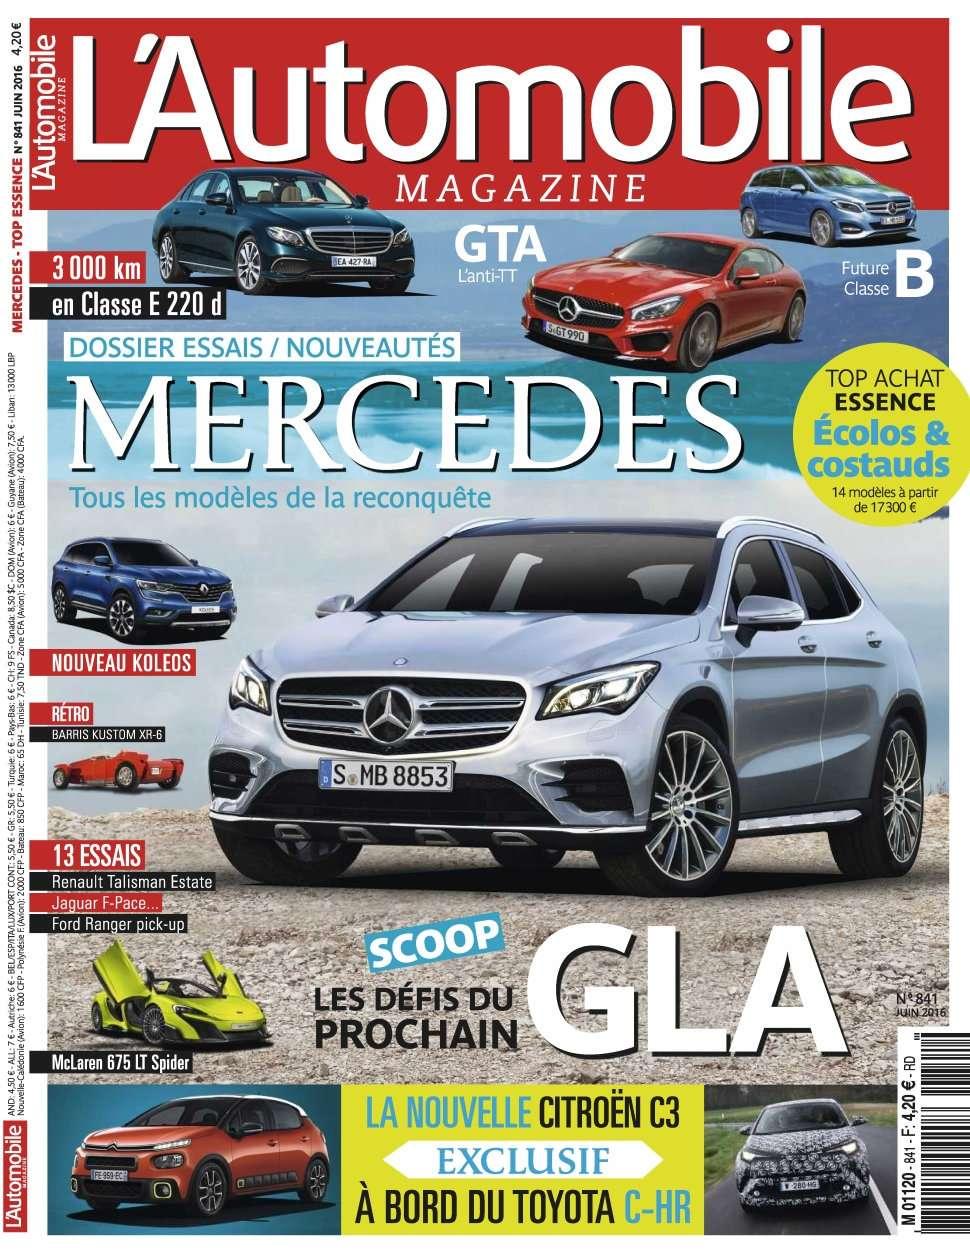 L'Automobile magazine 841 - Juin 2016